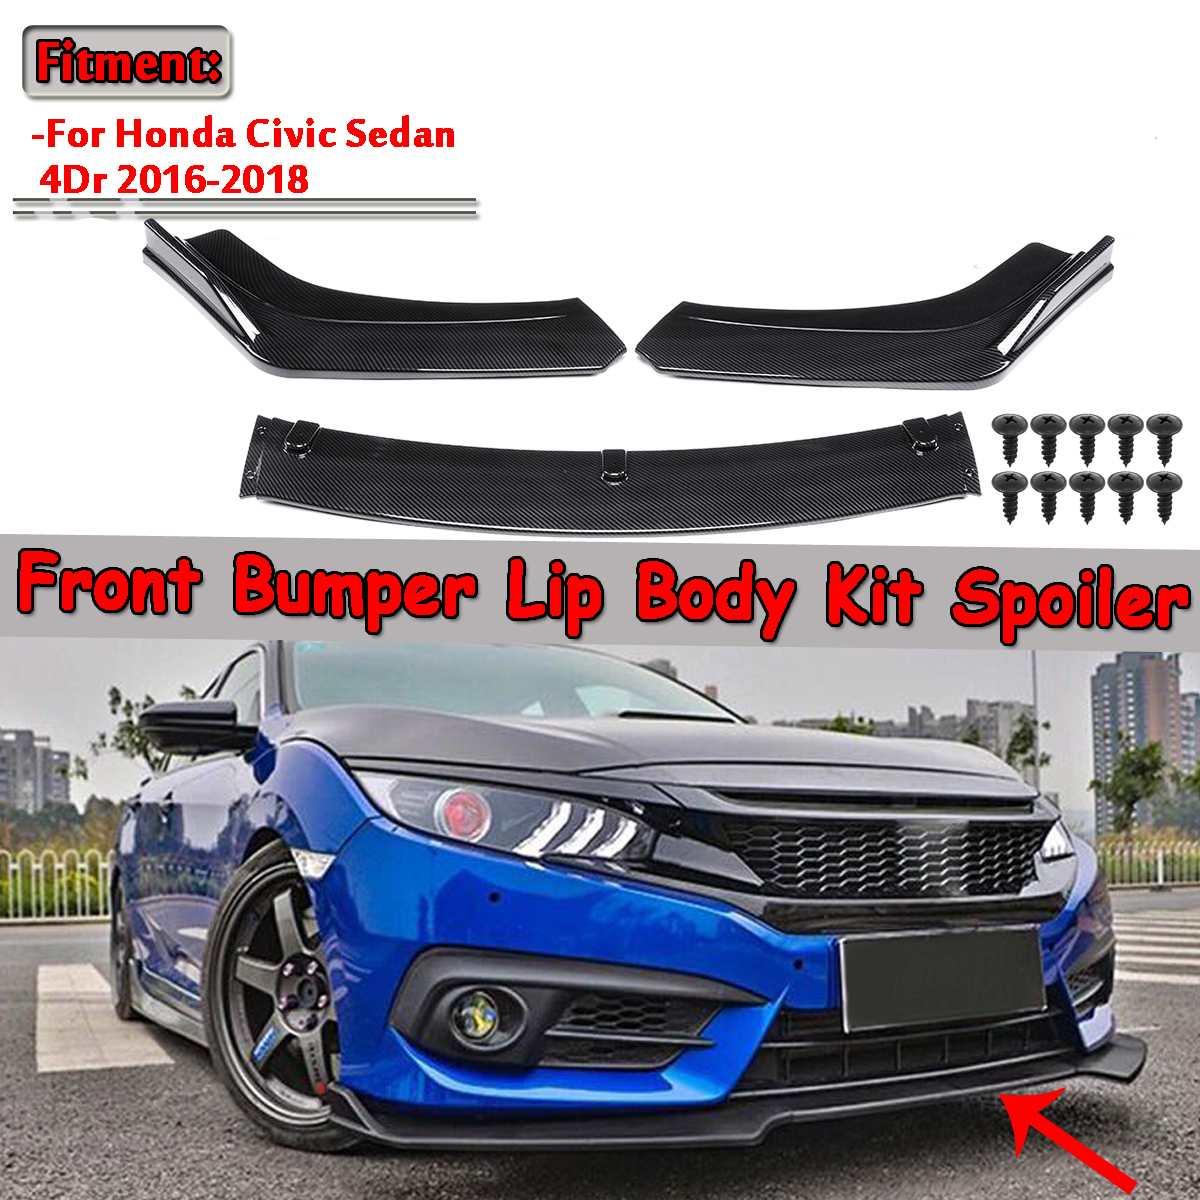 3 peça de fibra carbono olhar/preto frente do carro inferior lábio difusor spoiler kit corpo para honda civic sedan 4dr 2016 2017 2018